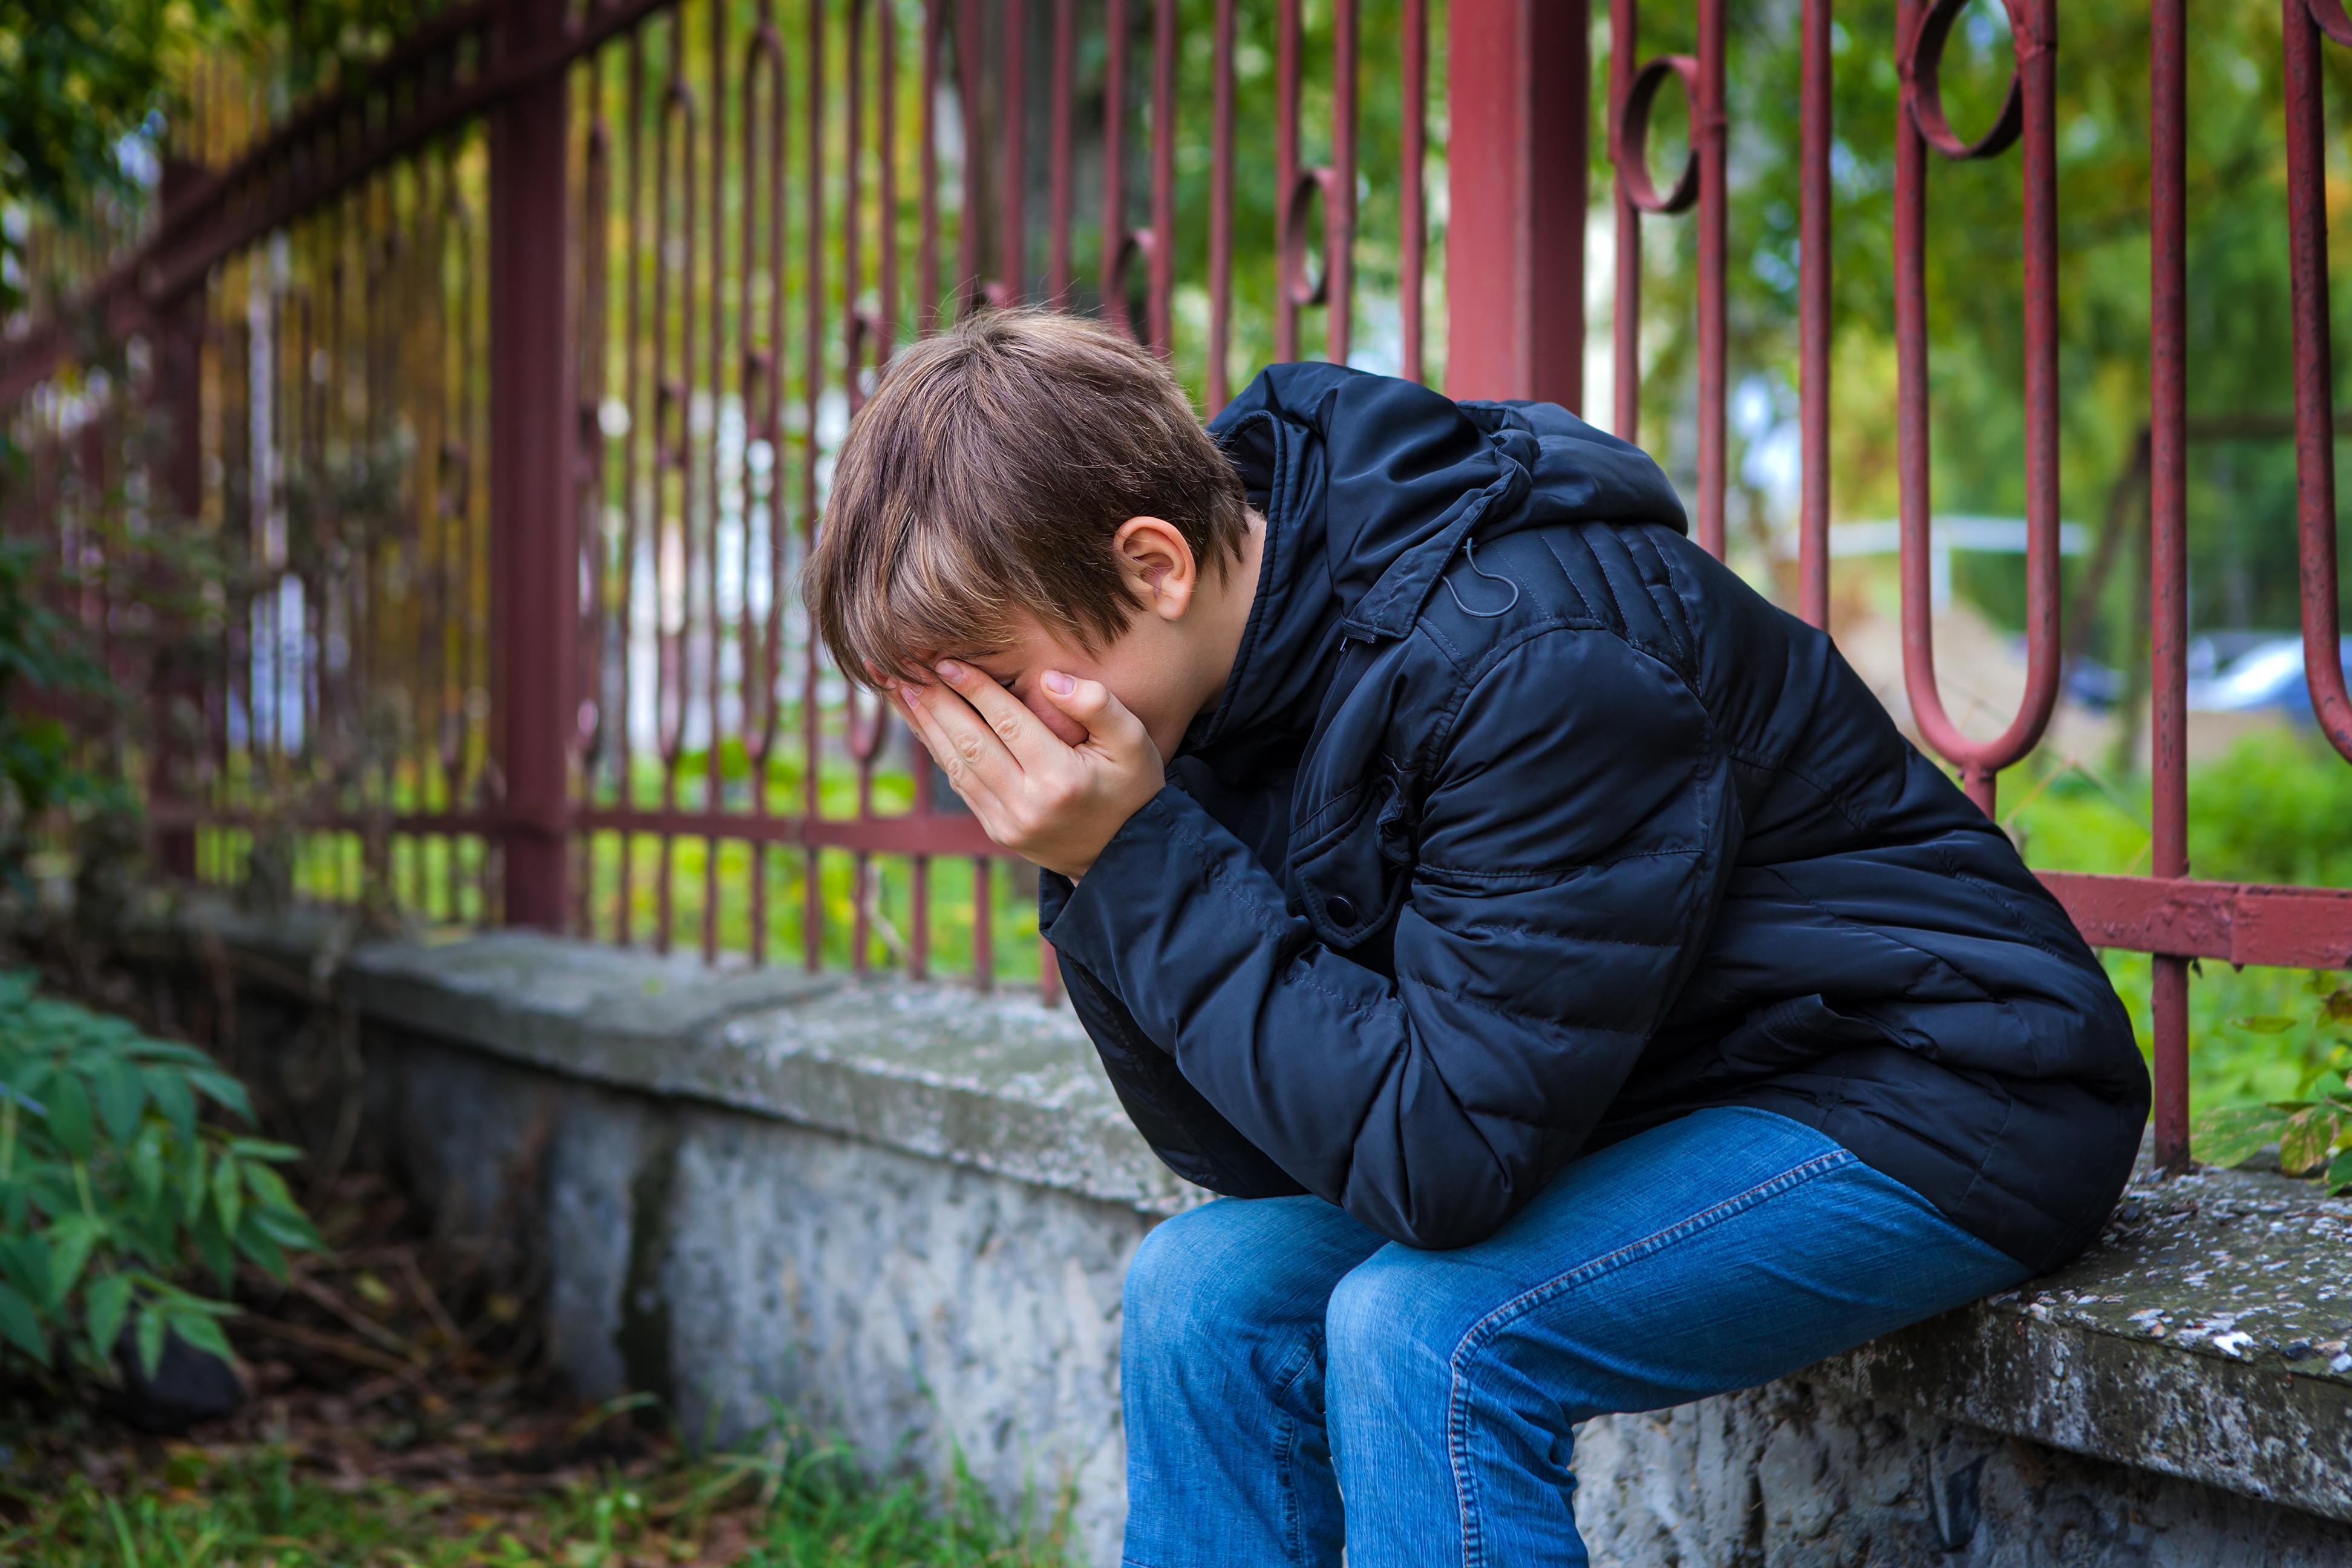 Den som är utsatt för mobbning känner ofta skuld, får skamkänslor och tror att felet ligger hos en själv.